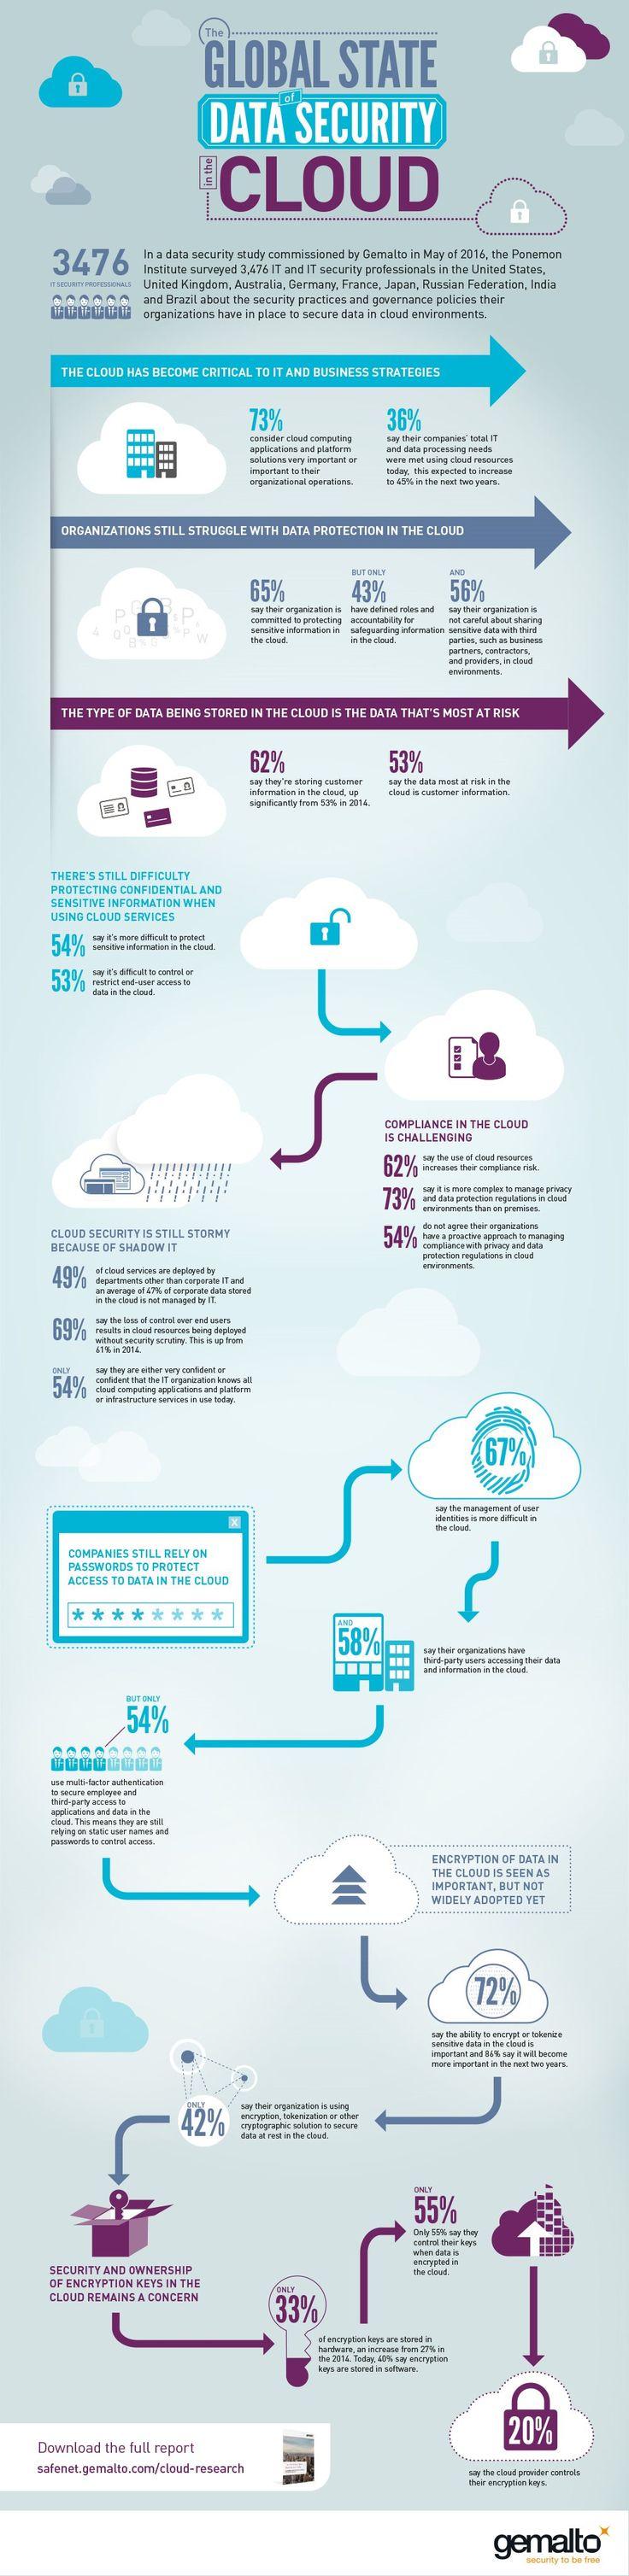 Cloud Computing für drei Viertel der Firmen wichtig – aber die Hälfte beklagt Datenschutz